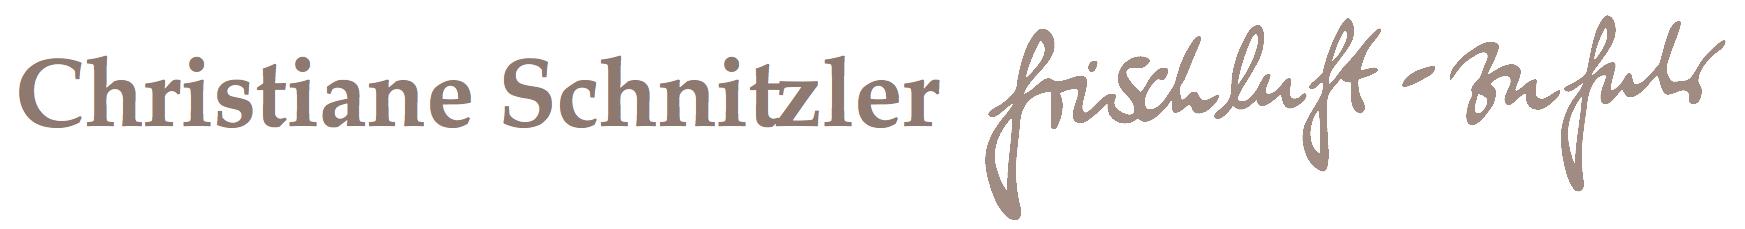 Christiane Schnitzler . frischluft-zufuhr